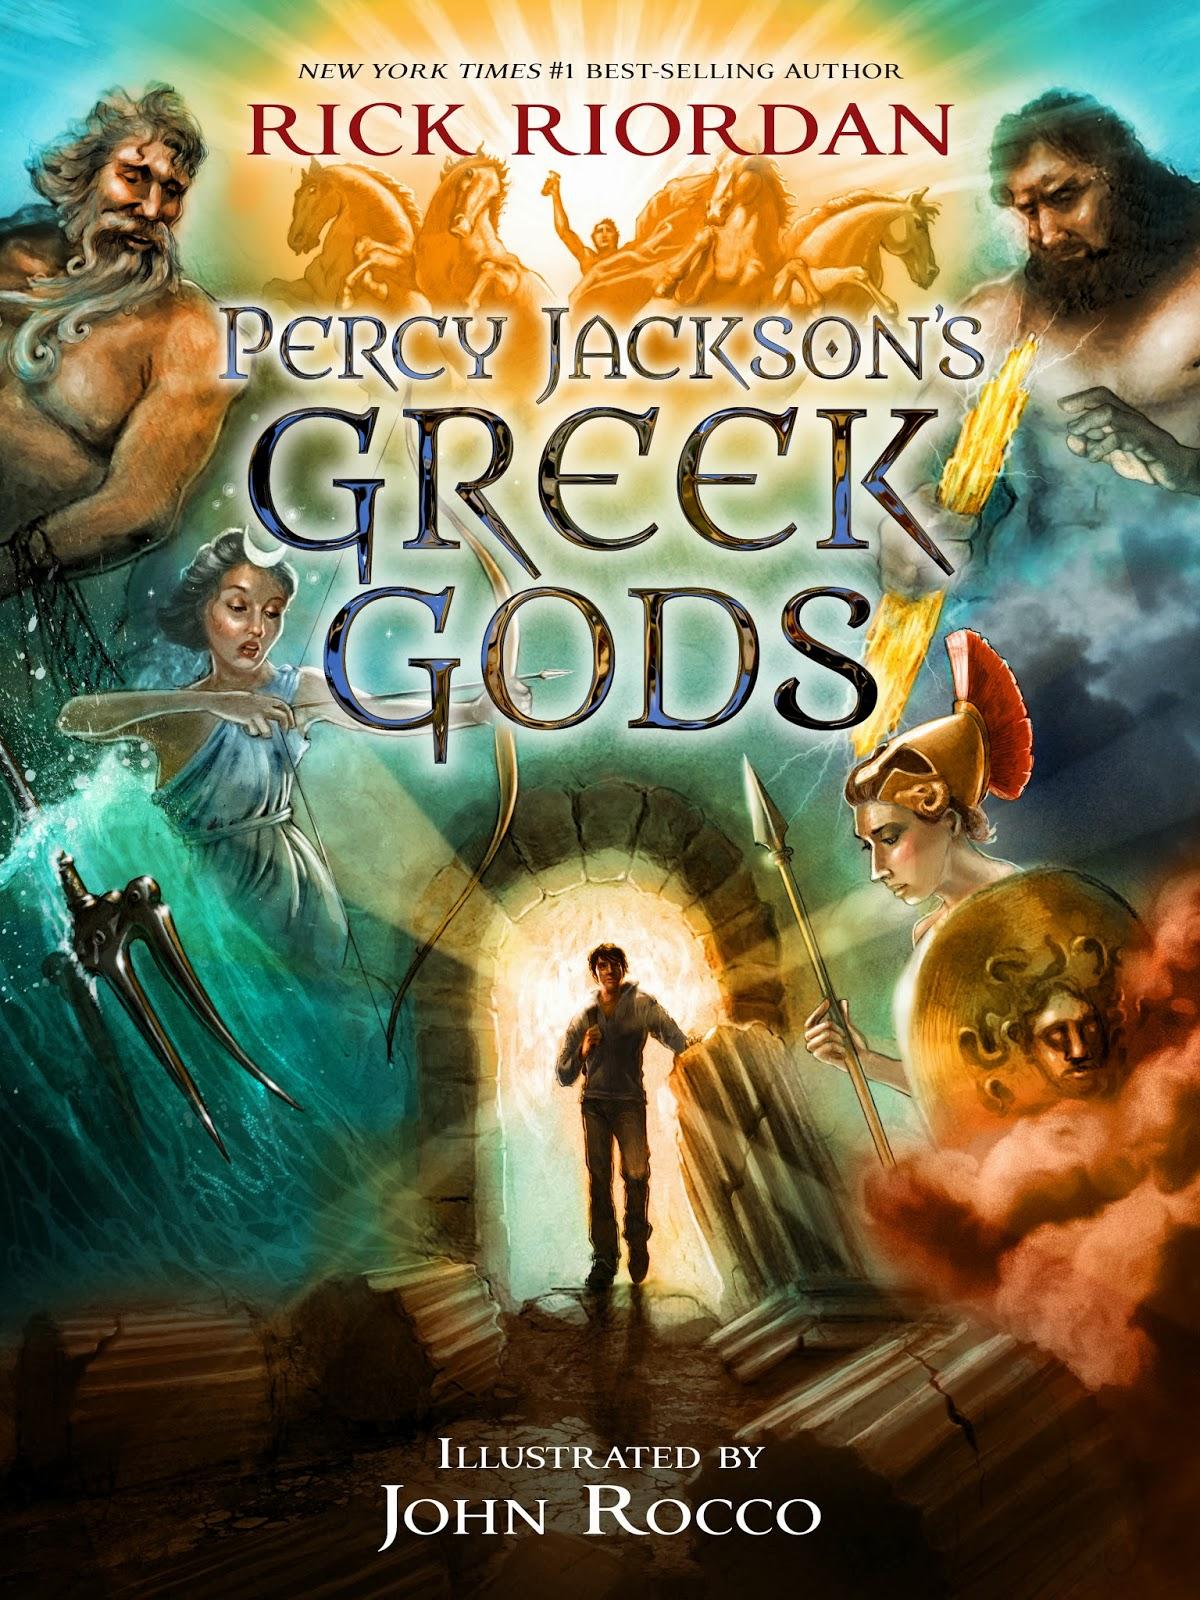 Percy Jackson GreekGods